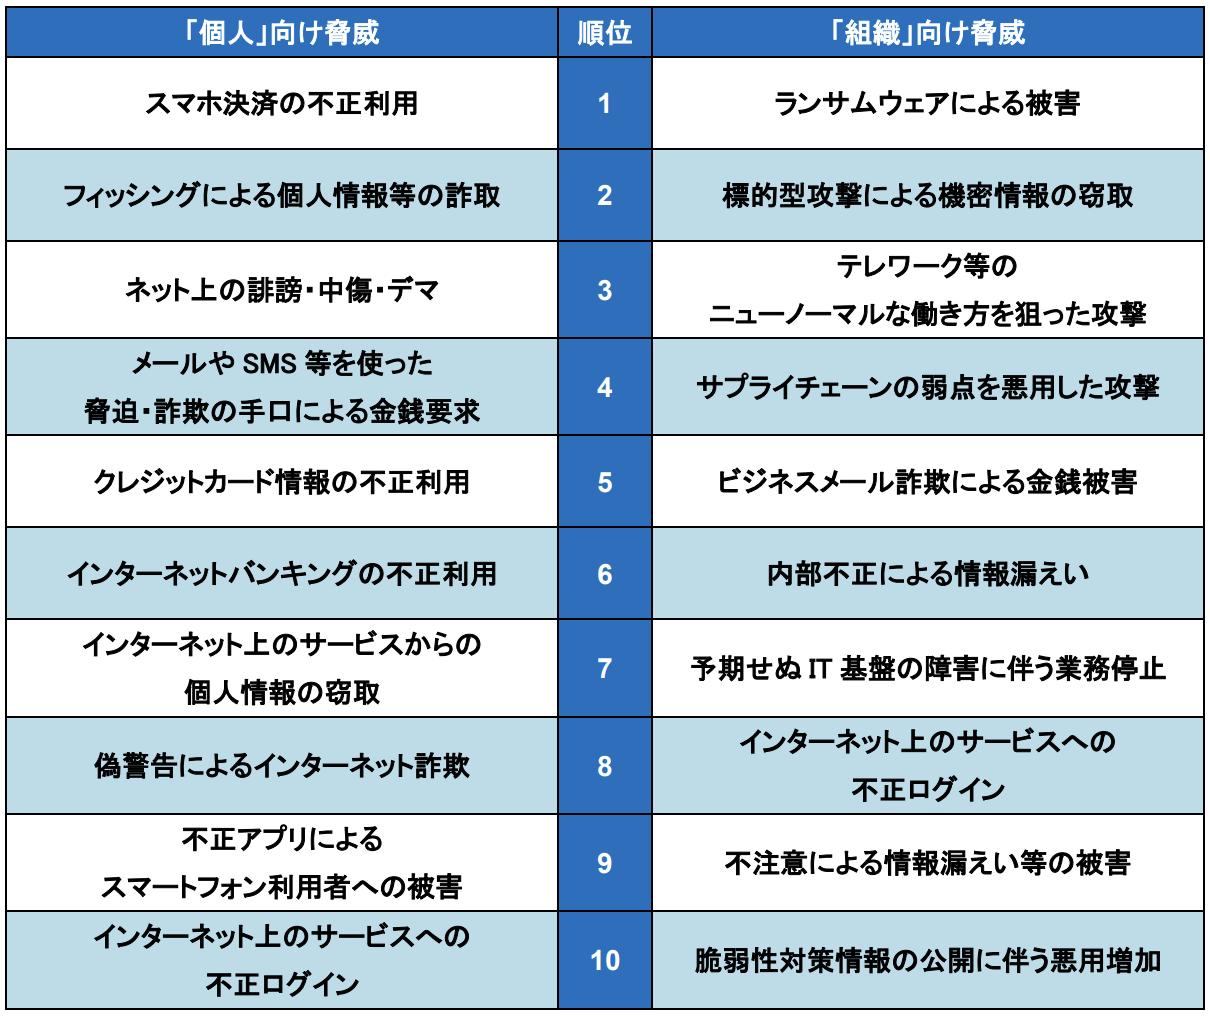 情報セキュリティの10大脅威 © 2021 独立行政法人情報処理推進機構